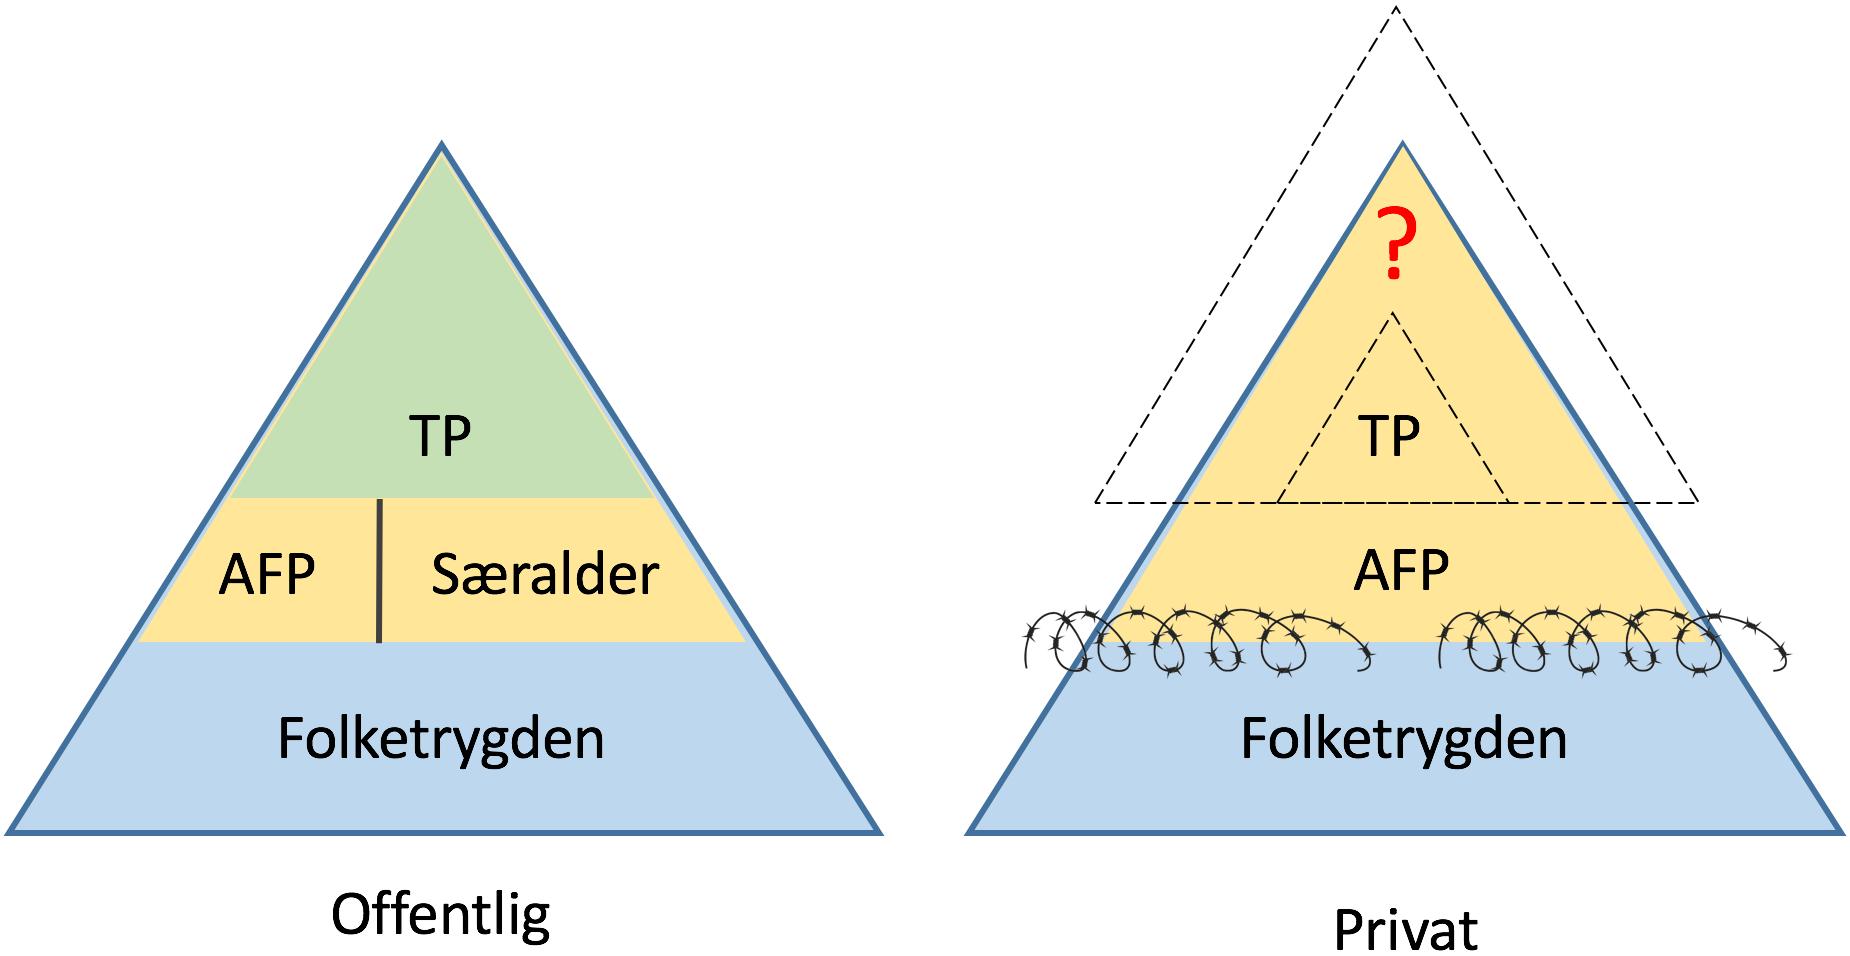 Thorsen.0316.2 Pensjonsbyggeklosser rev